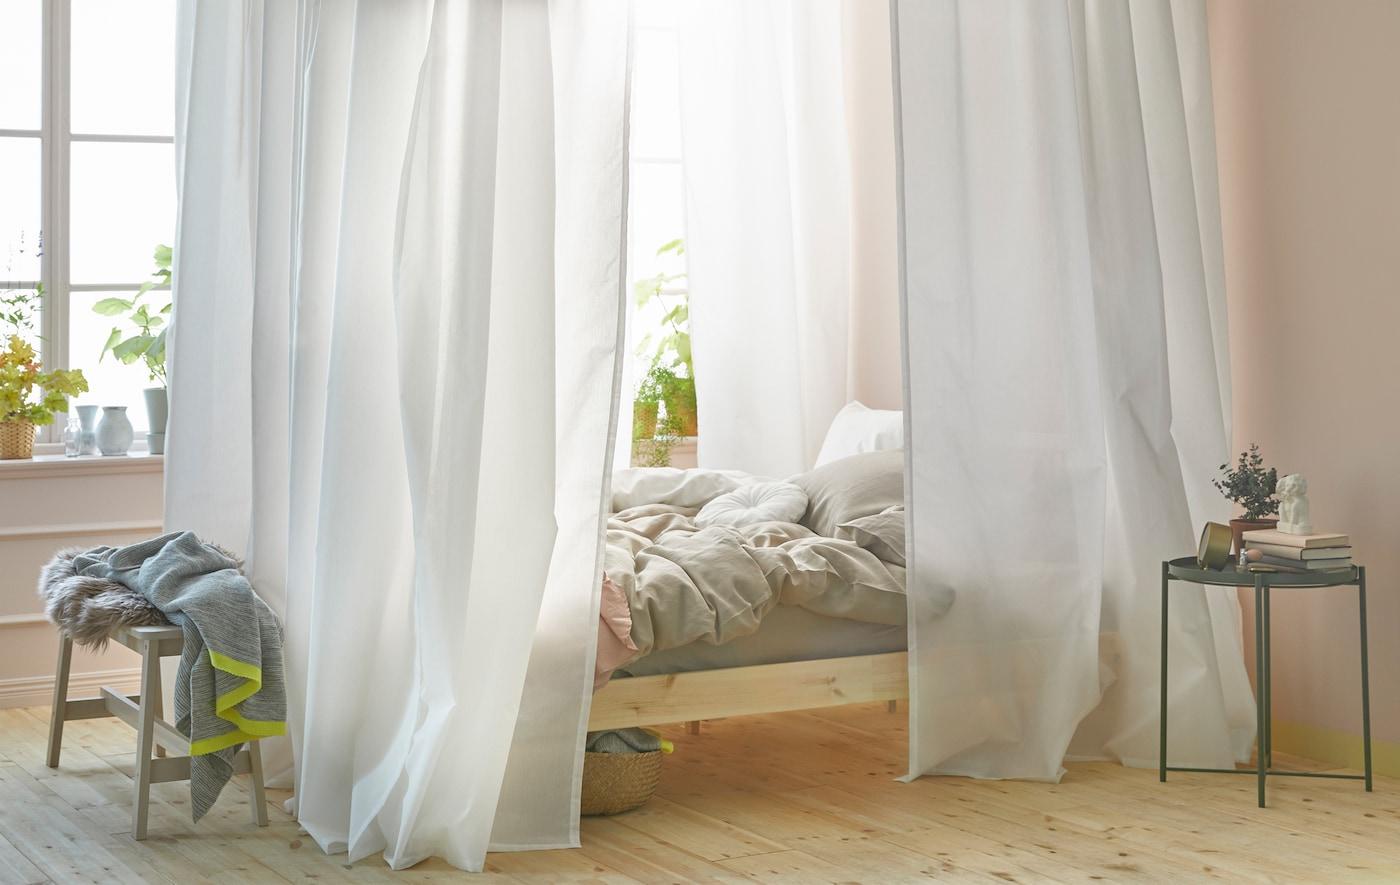 ein helles Schlafzimmer mit einem Bett. Rund ums Bett sind weiße Gardinen an der Decke befestigt.